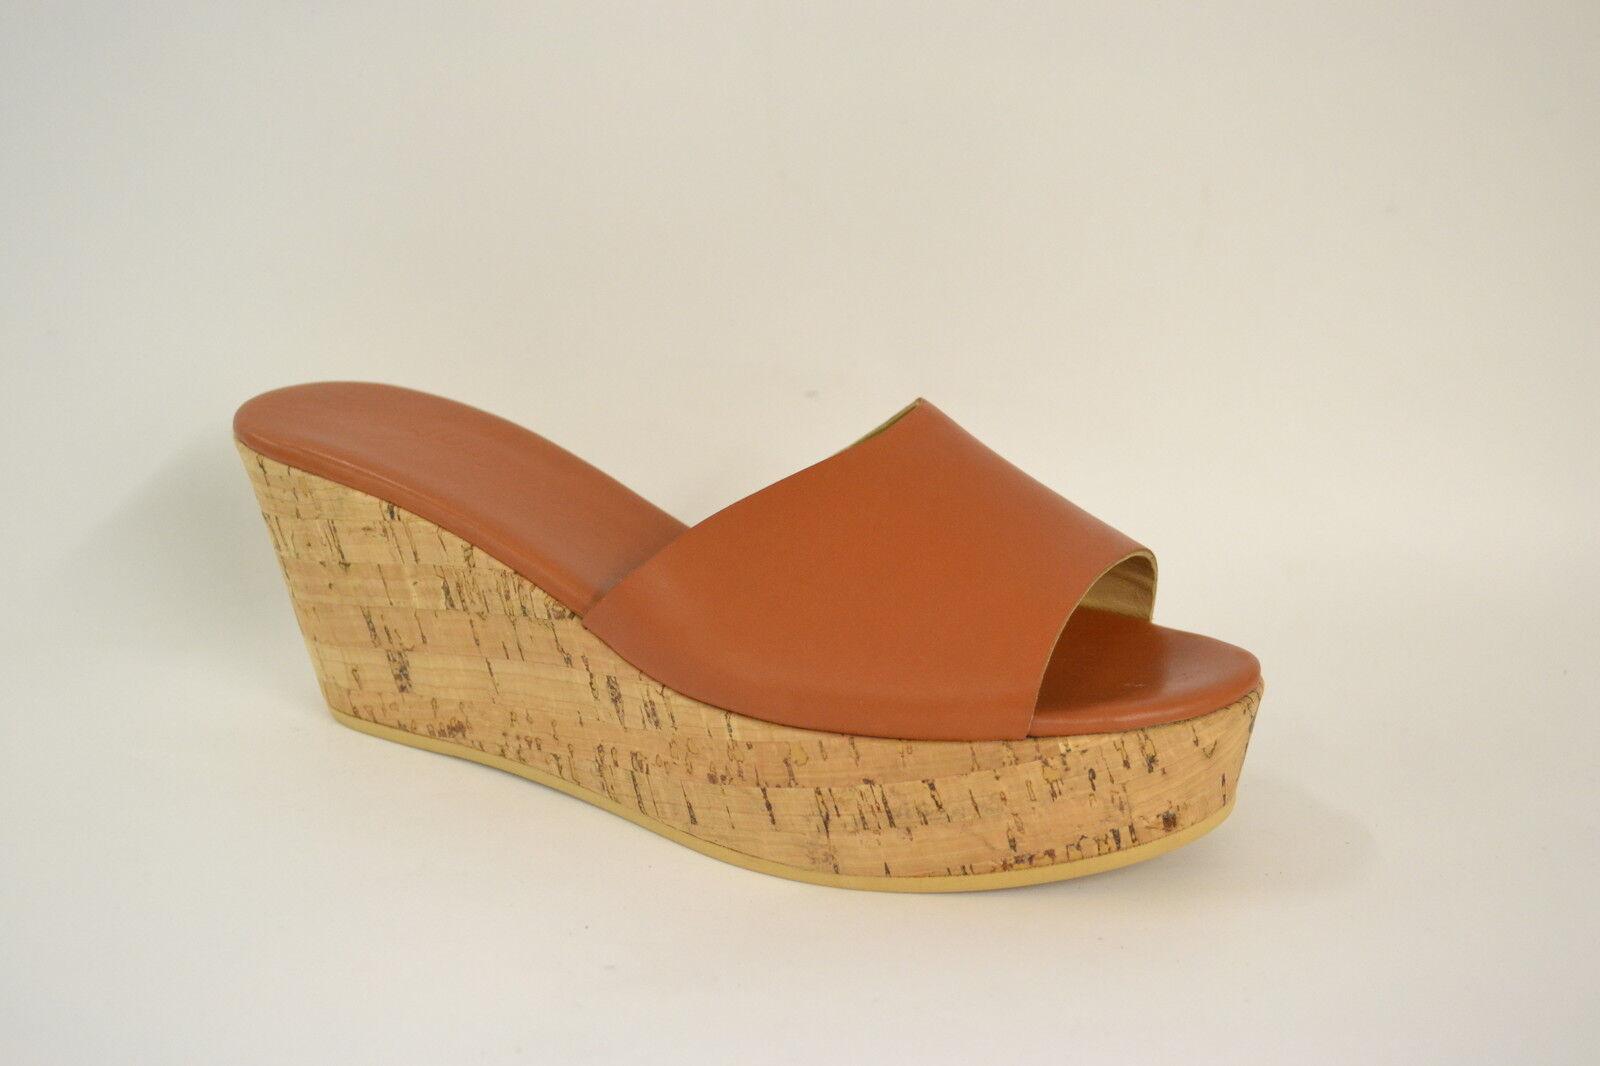 Schuhe SANDALI Damens ZEPPA SUGHERO VERA 38 39 40 VERA SUGHERO PELLE COL. CUOIO 2138a1